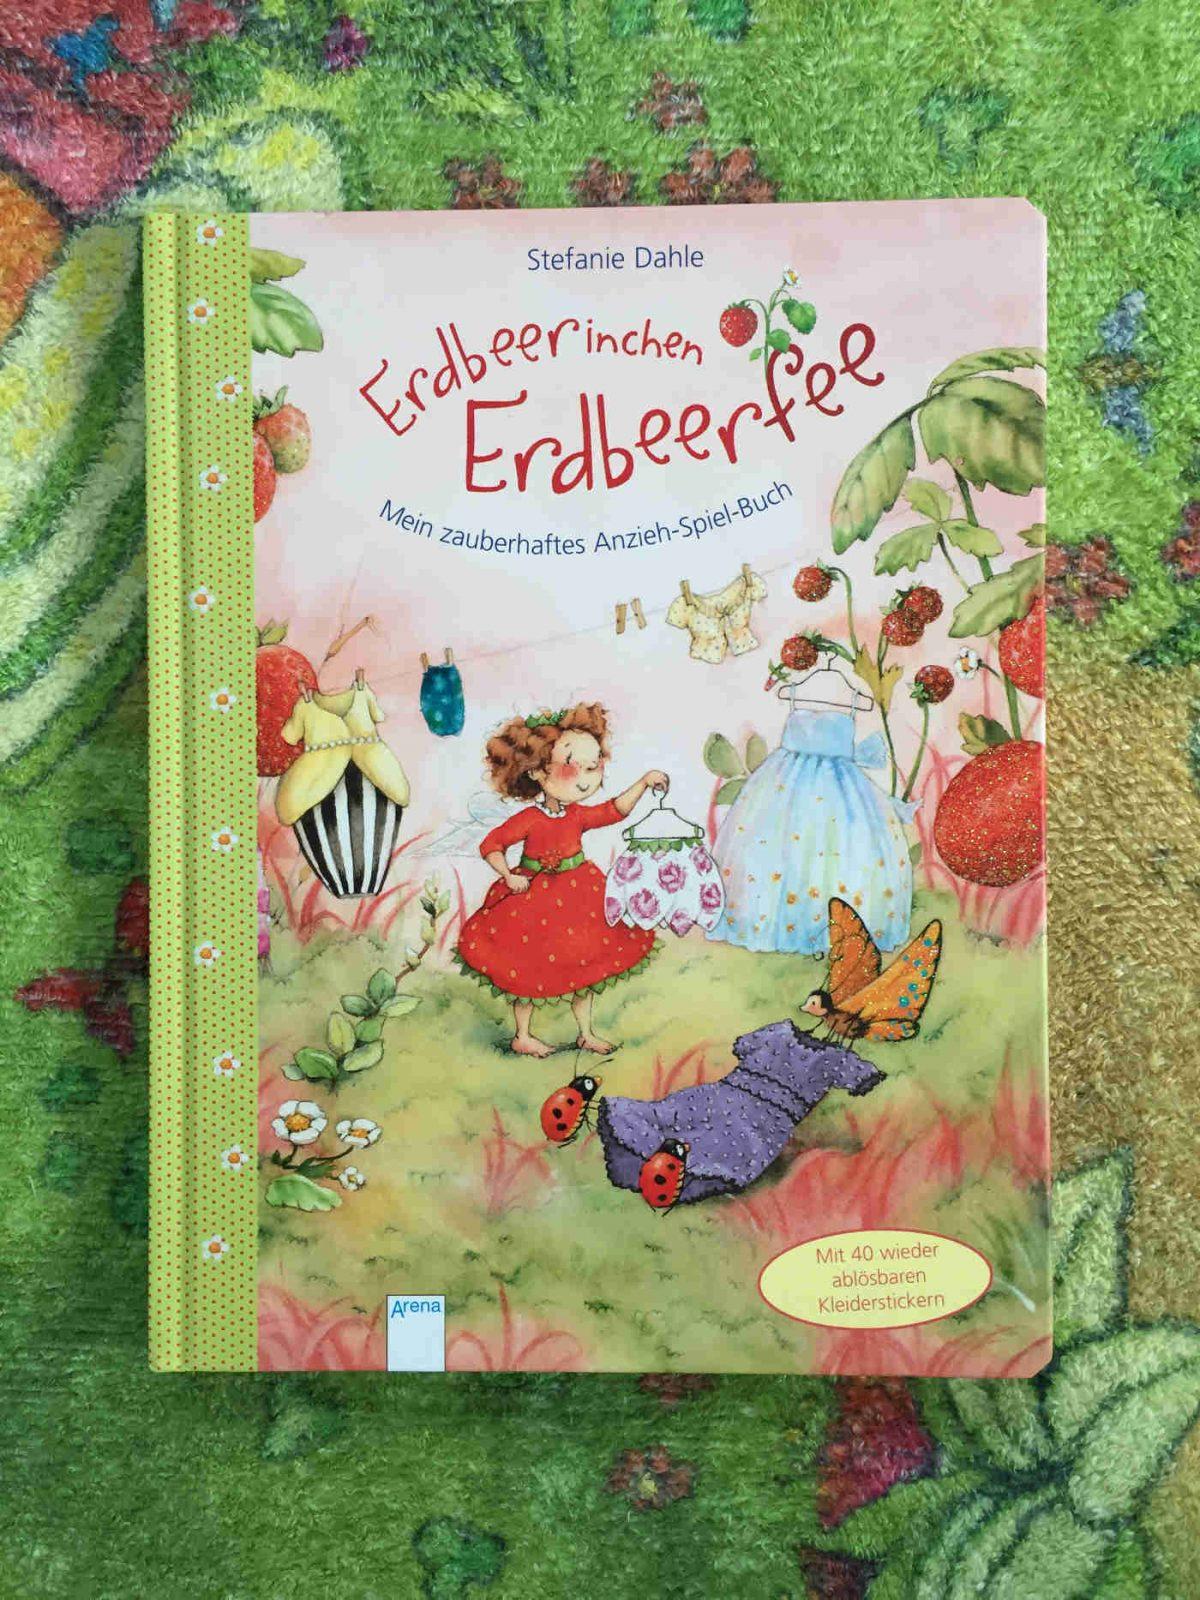 Stefanie Dahle Erdbeerinchen Erdbeerfee Mein zauberhaftes Anzieh Spiel Buch Brigitte Wallingers Kinderbuchblog Buchtipp Geschenktipp Buchempfehlung Beschäftigung und Spaß für Mädchen